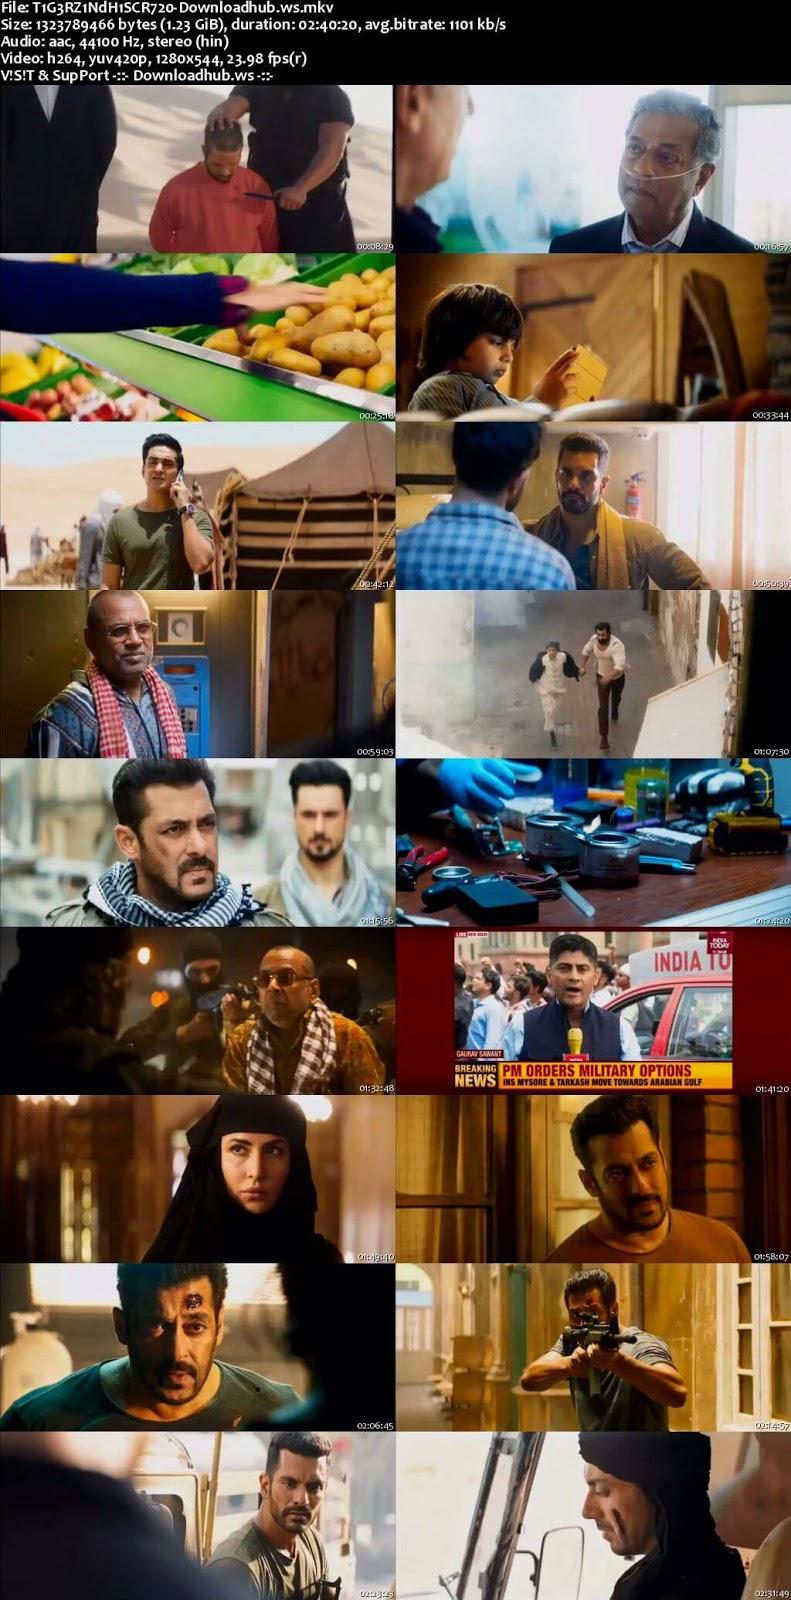 Tiger Zinda Hai 2017 Hindi 720p